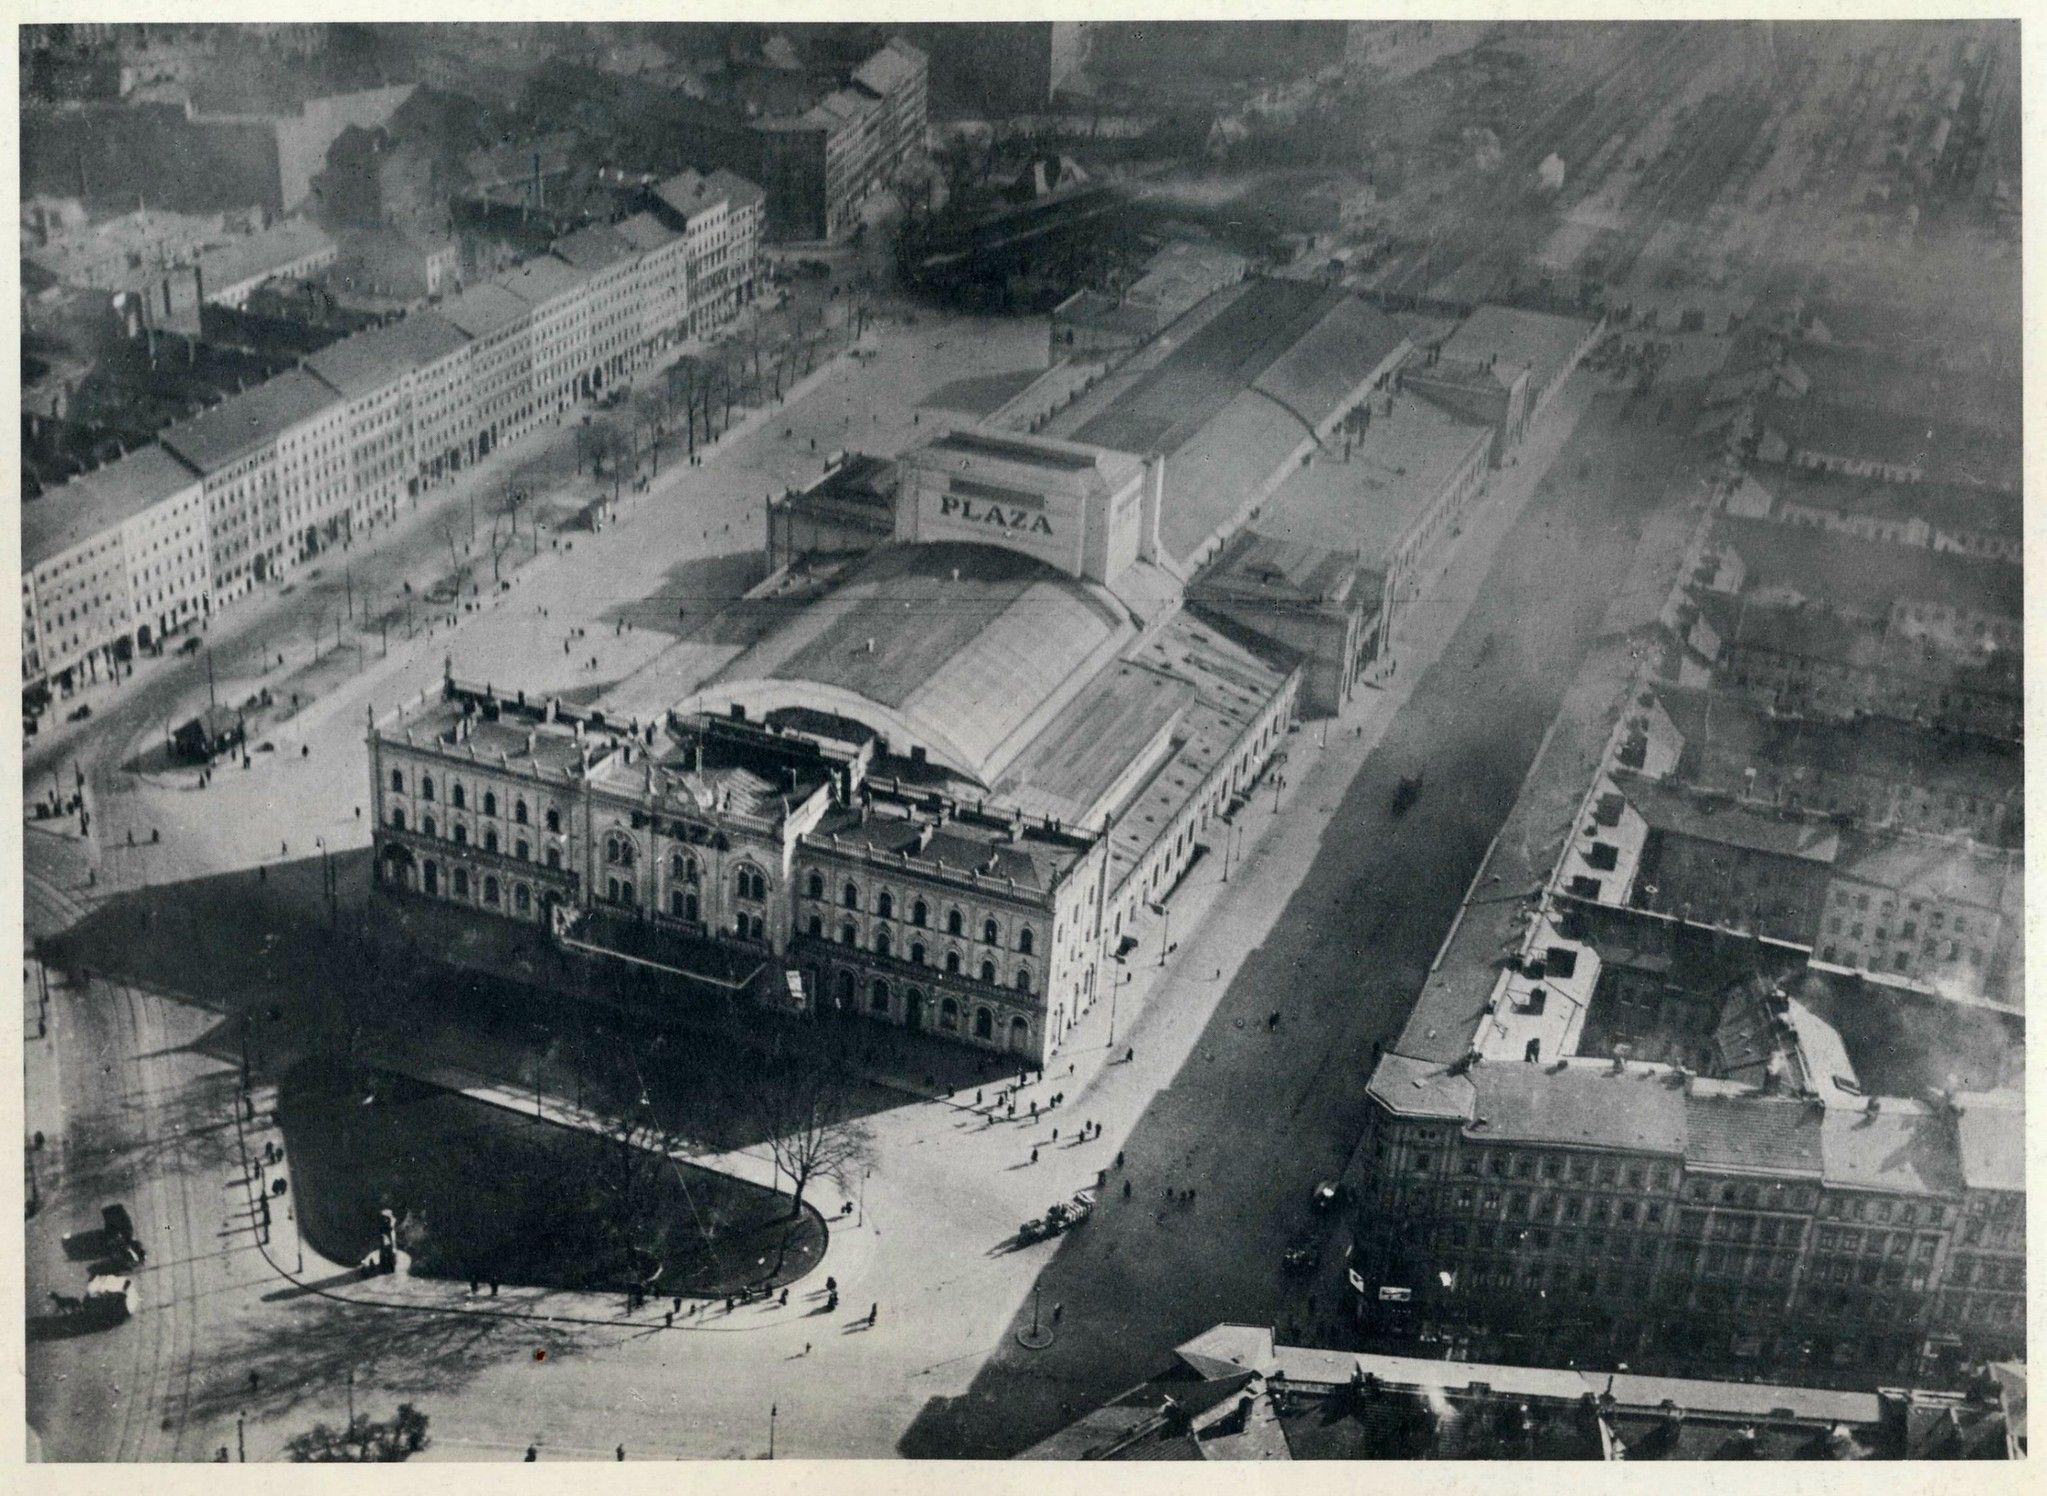 Historische Luftaufnahmen Berlin Kustrinner Platz Friedrichshain 1930 Berlin Photos Berlin Travel West Berlin